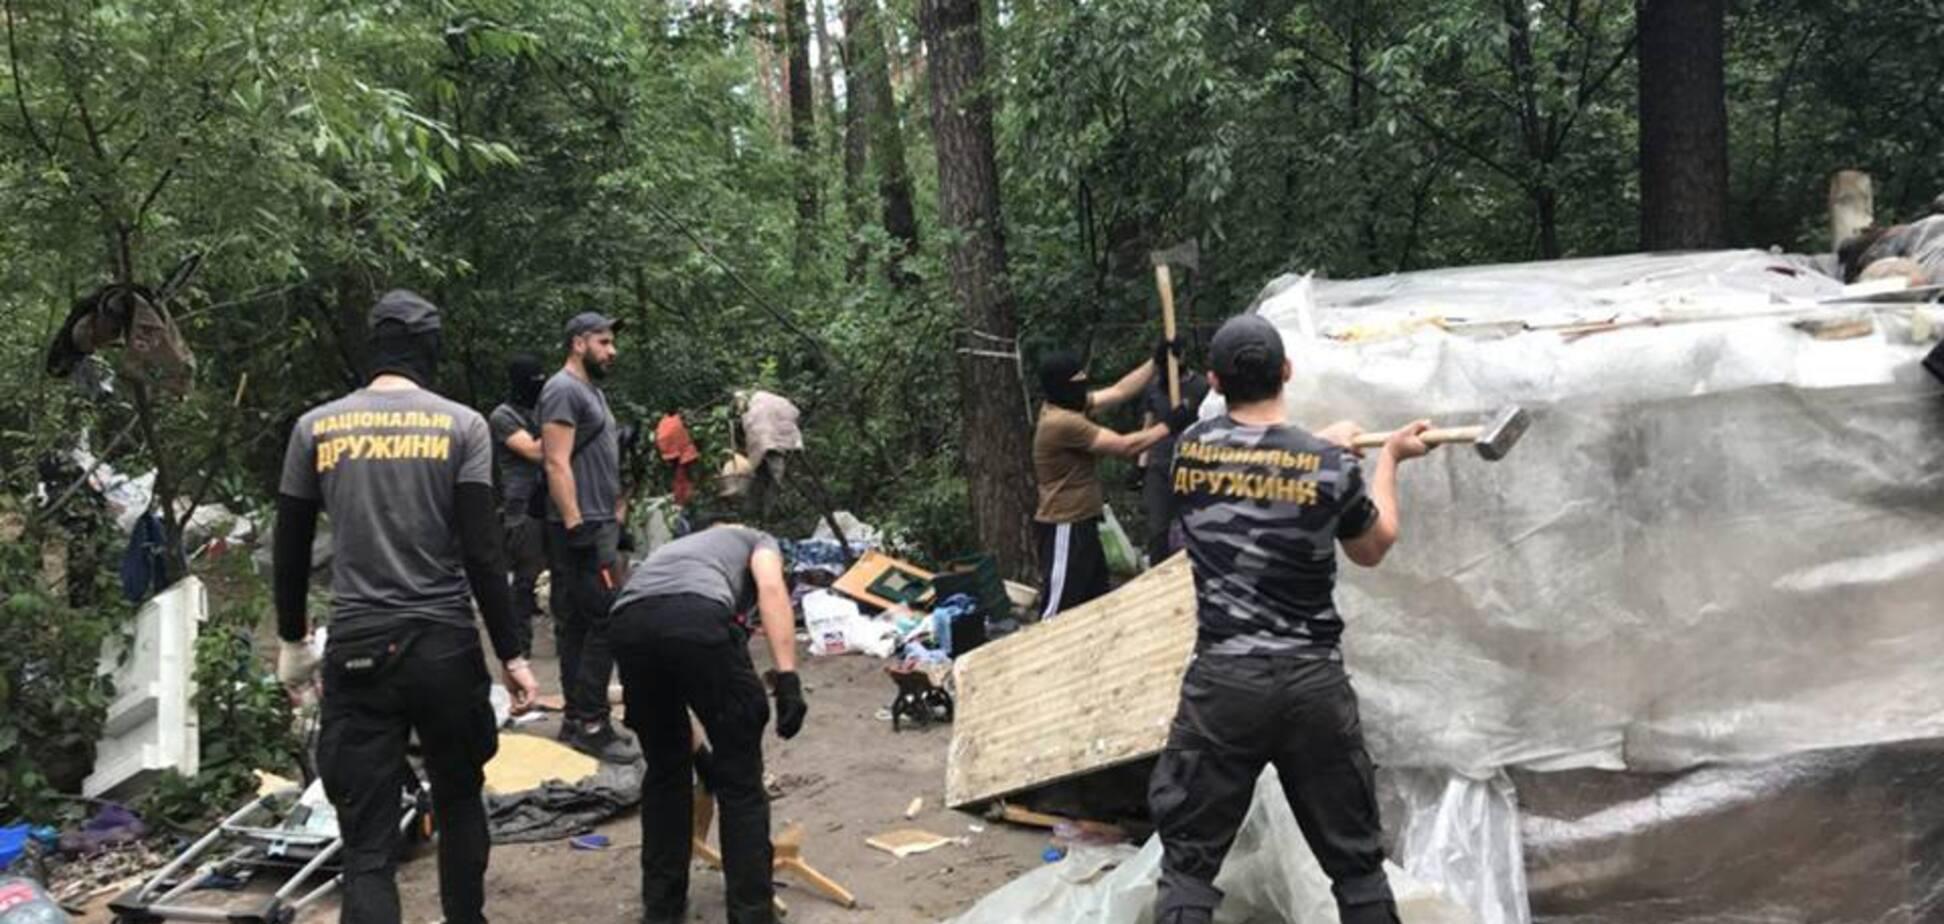 'Нацдружины' жестко разнесли лагерь ромов в Киеве